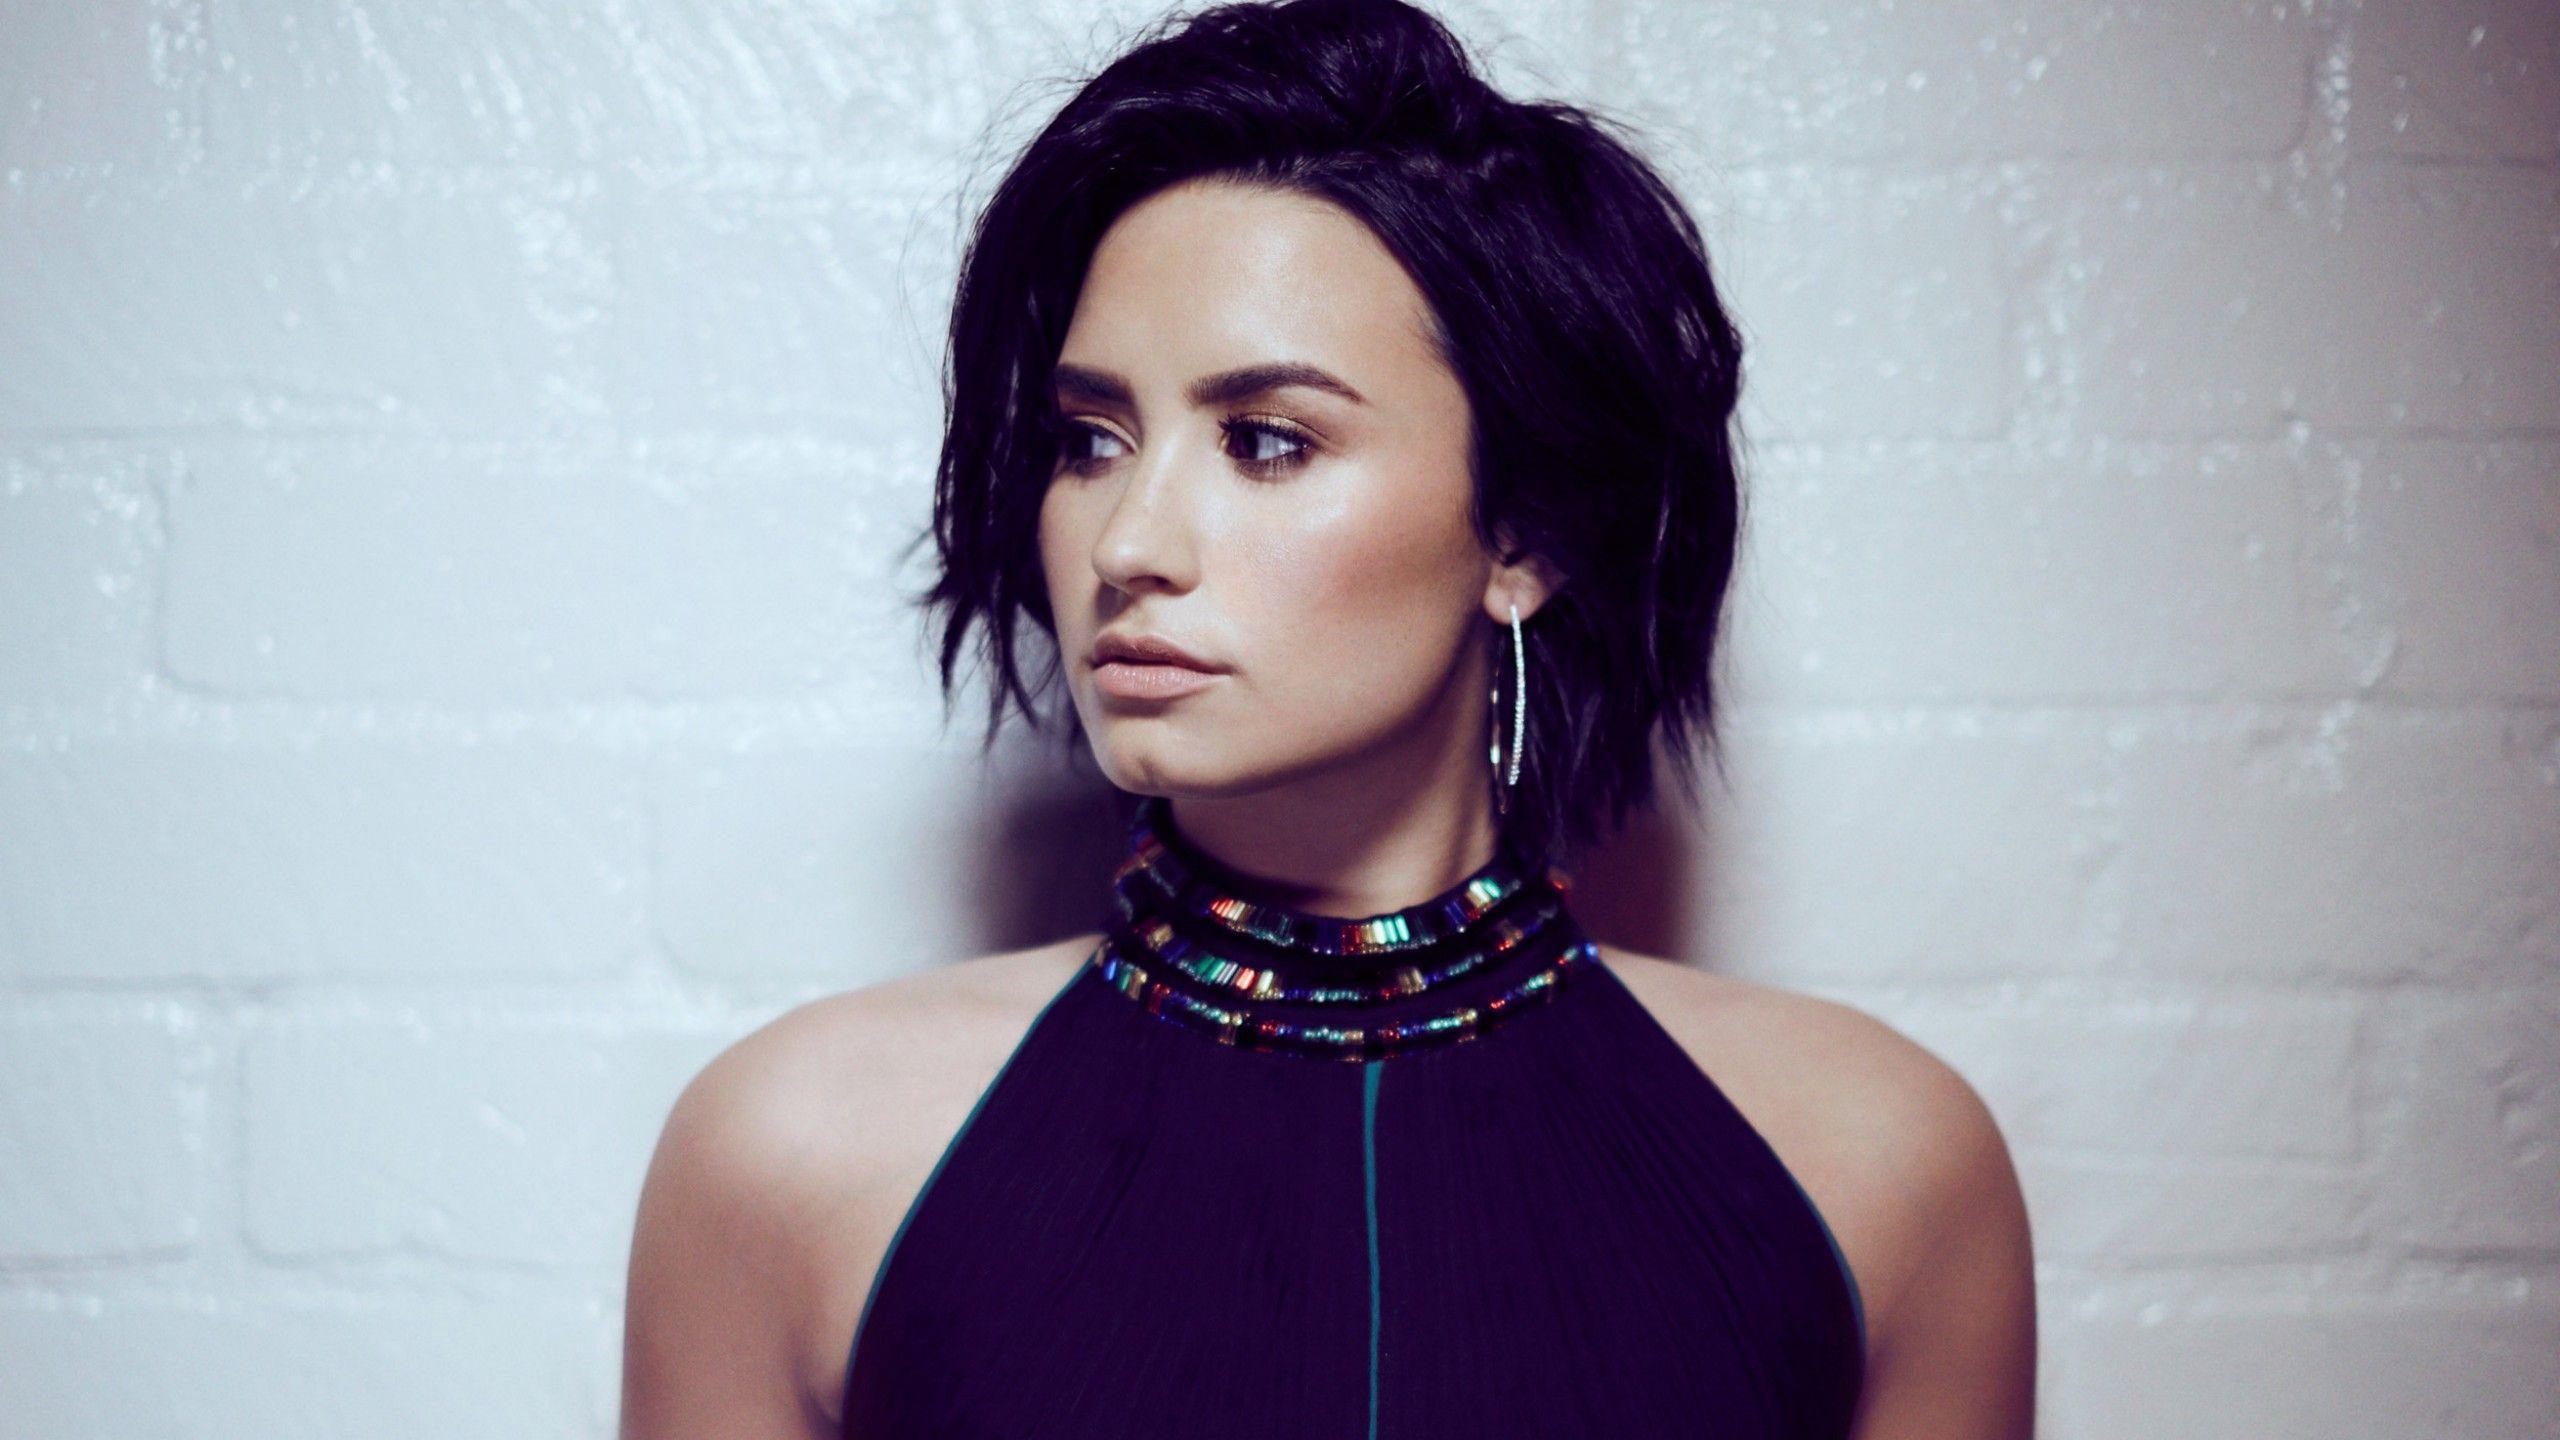 Demi Lovato Wallpaper For Iphone Demi Lovato Demi Lovato 2017 Lovato